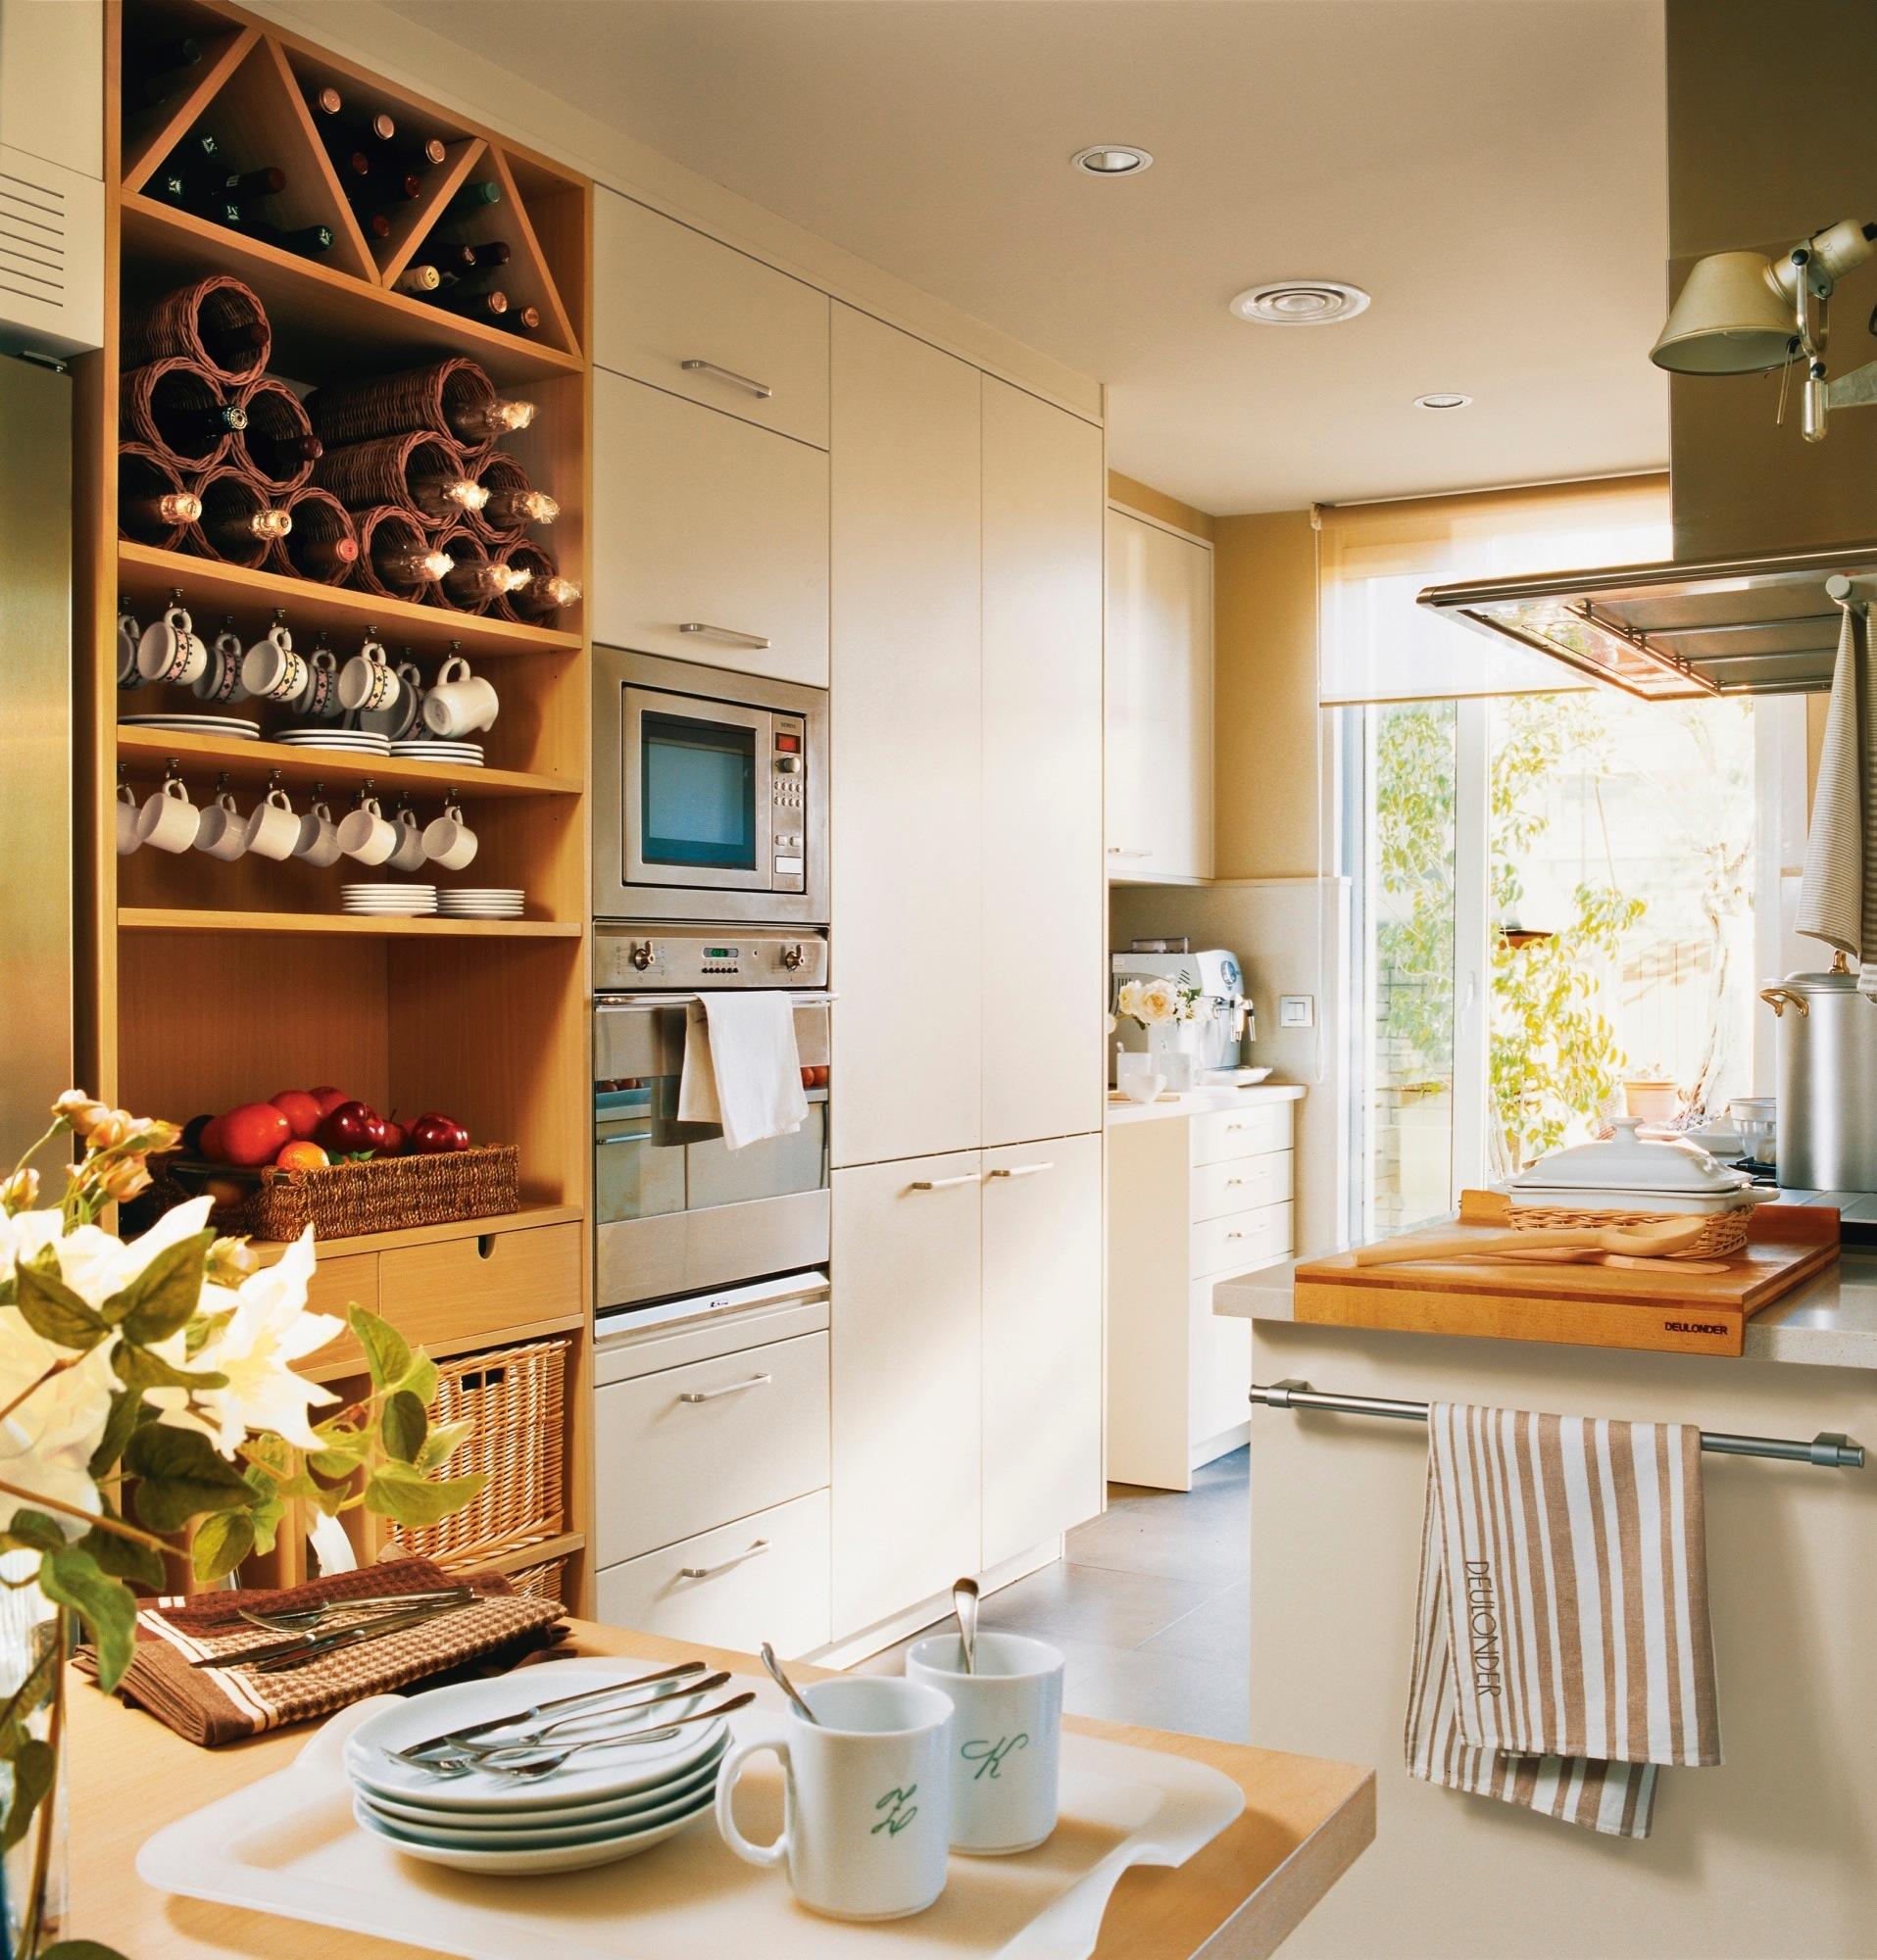 Orden en la cocina consejos y trucos para guardarlo todo for Guardas para cocina